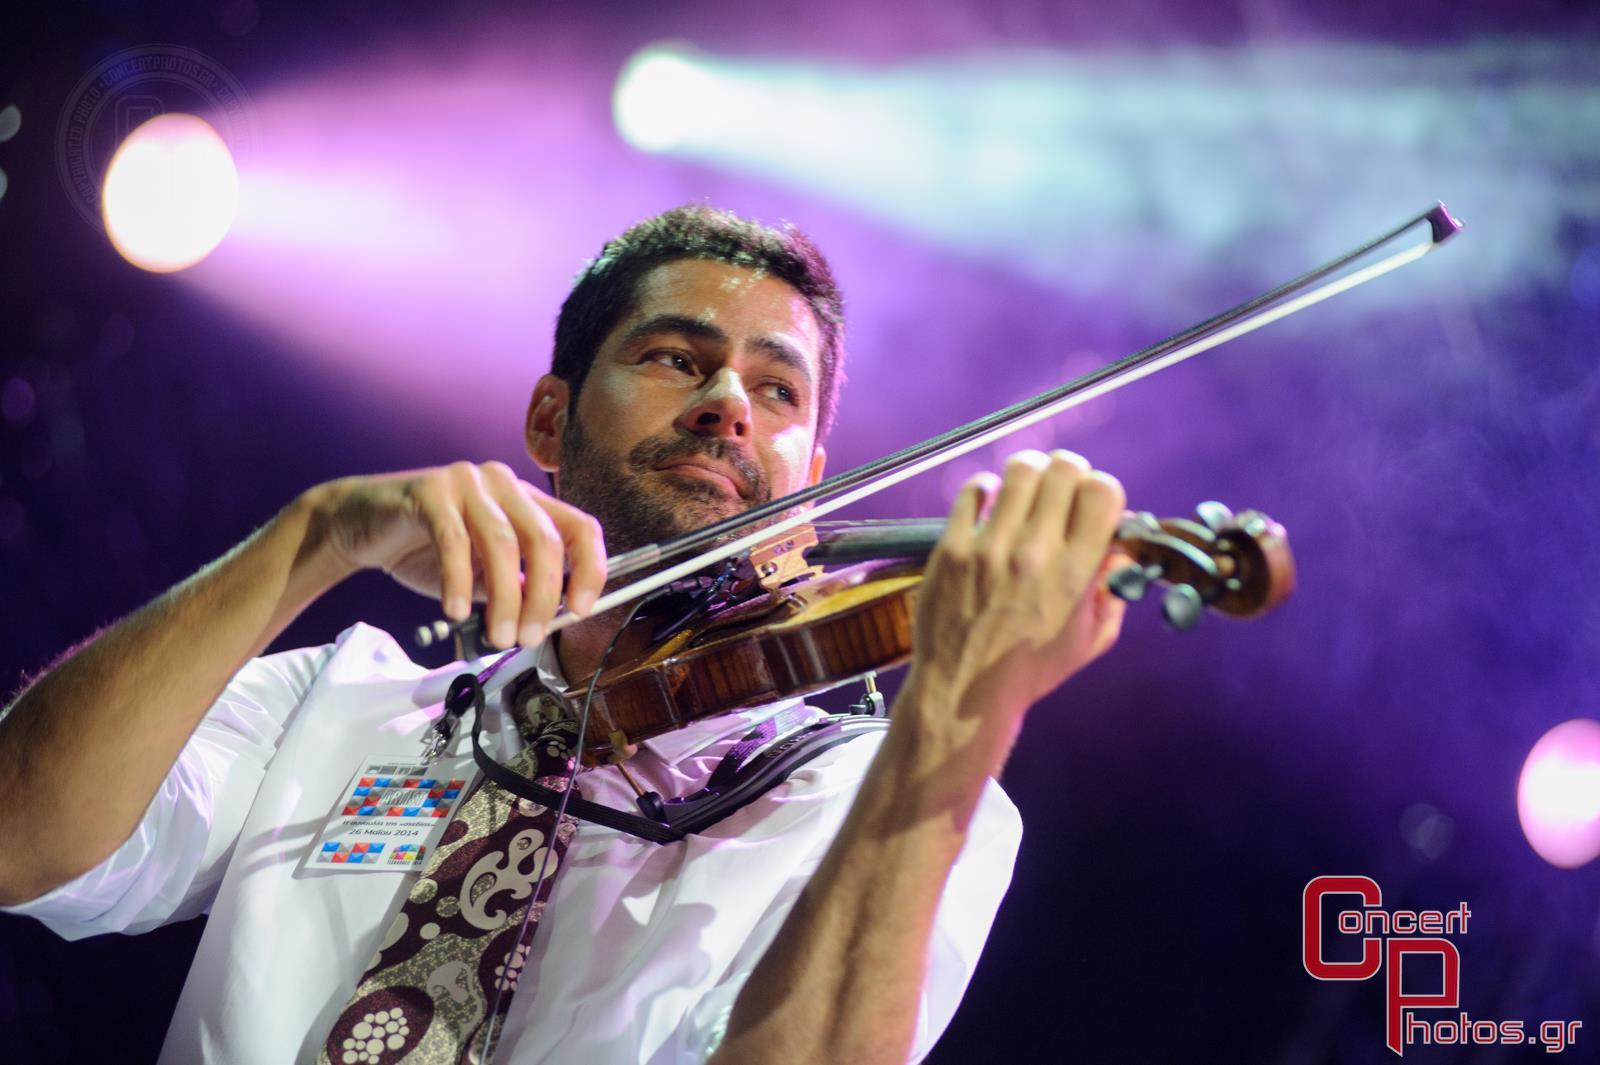 Μία συναυλία για τη Σχεδία 2014-Sxedia 2014 photographer:  - concertphotos_20140526_22_54_40